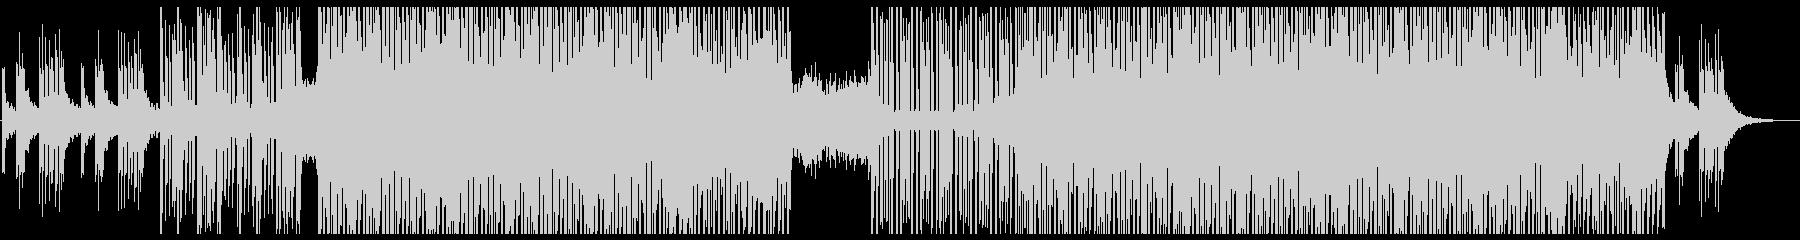 アップテンポで明るいシンセのメロディーの未再生の波形